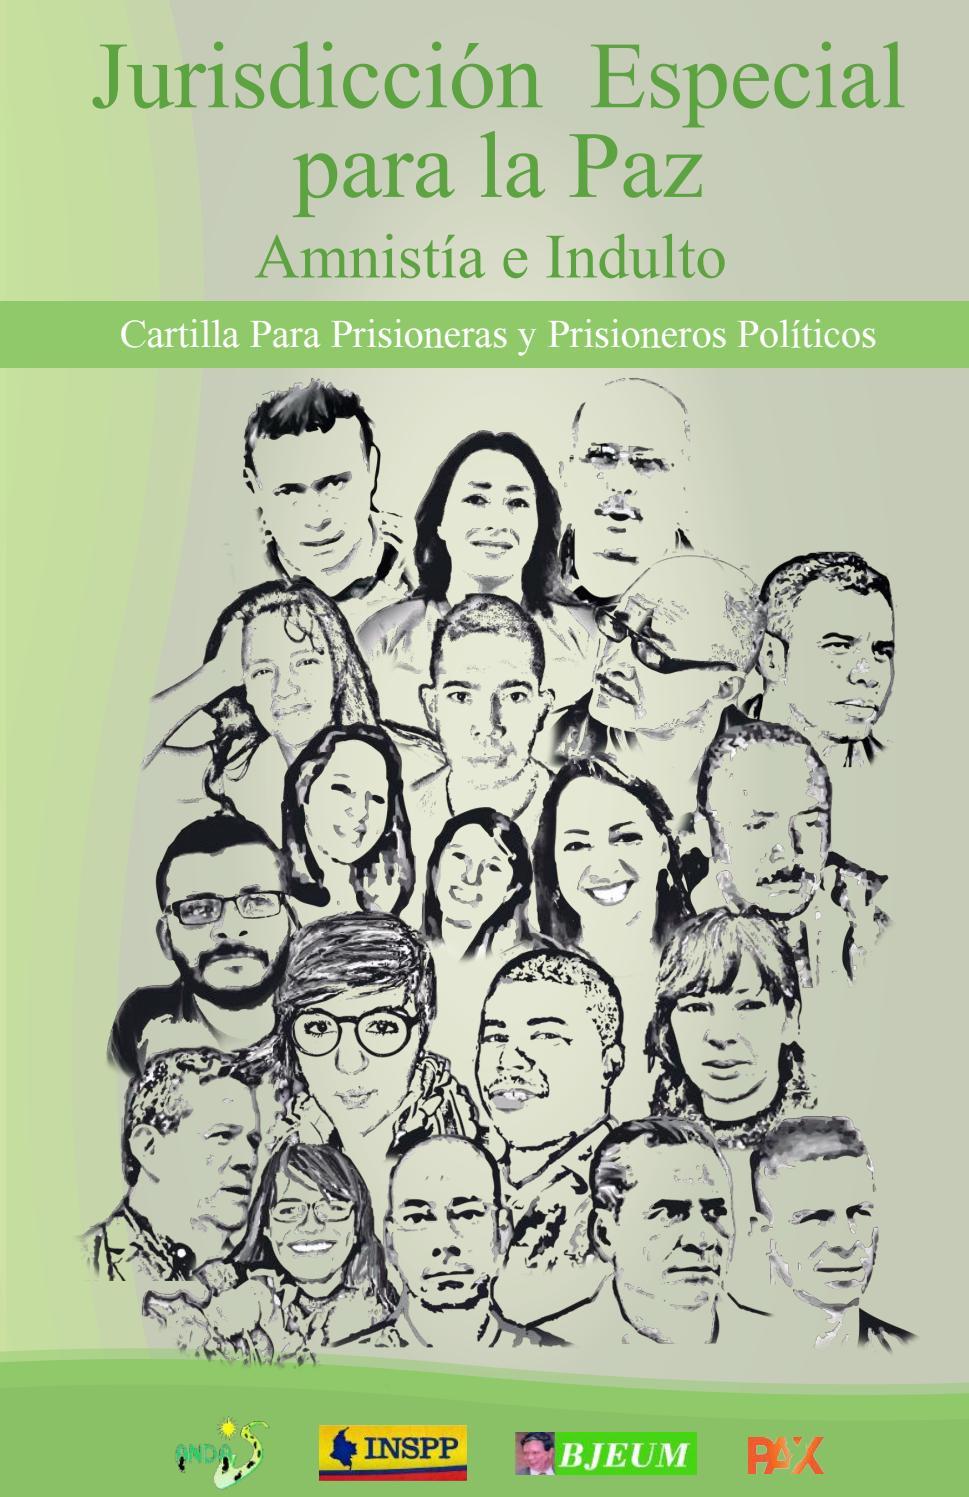 Cartilla jurisdiccion especial para la paz para prisioneras y ...